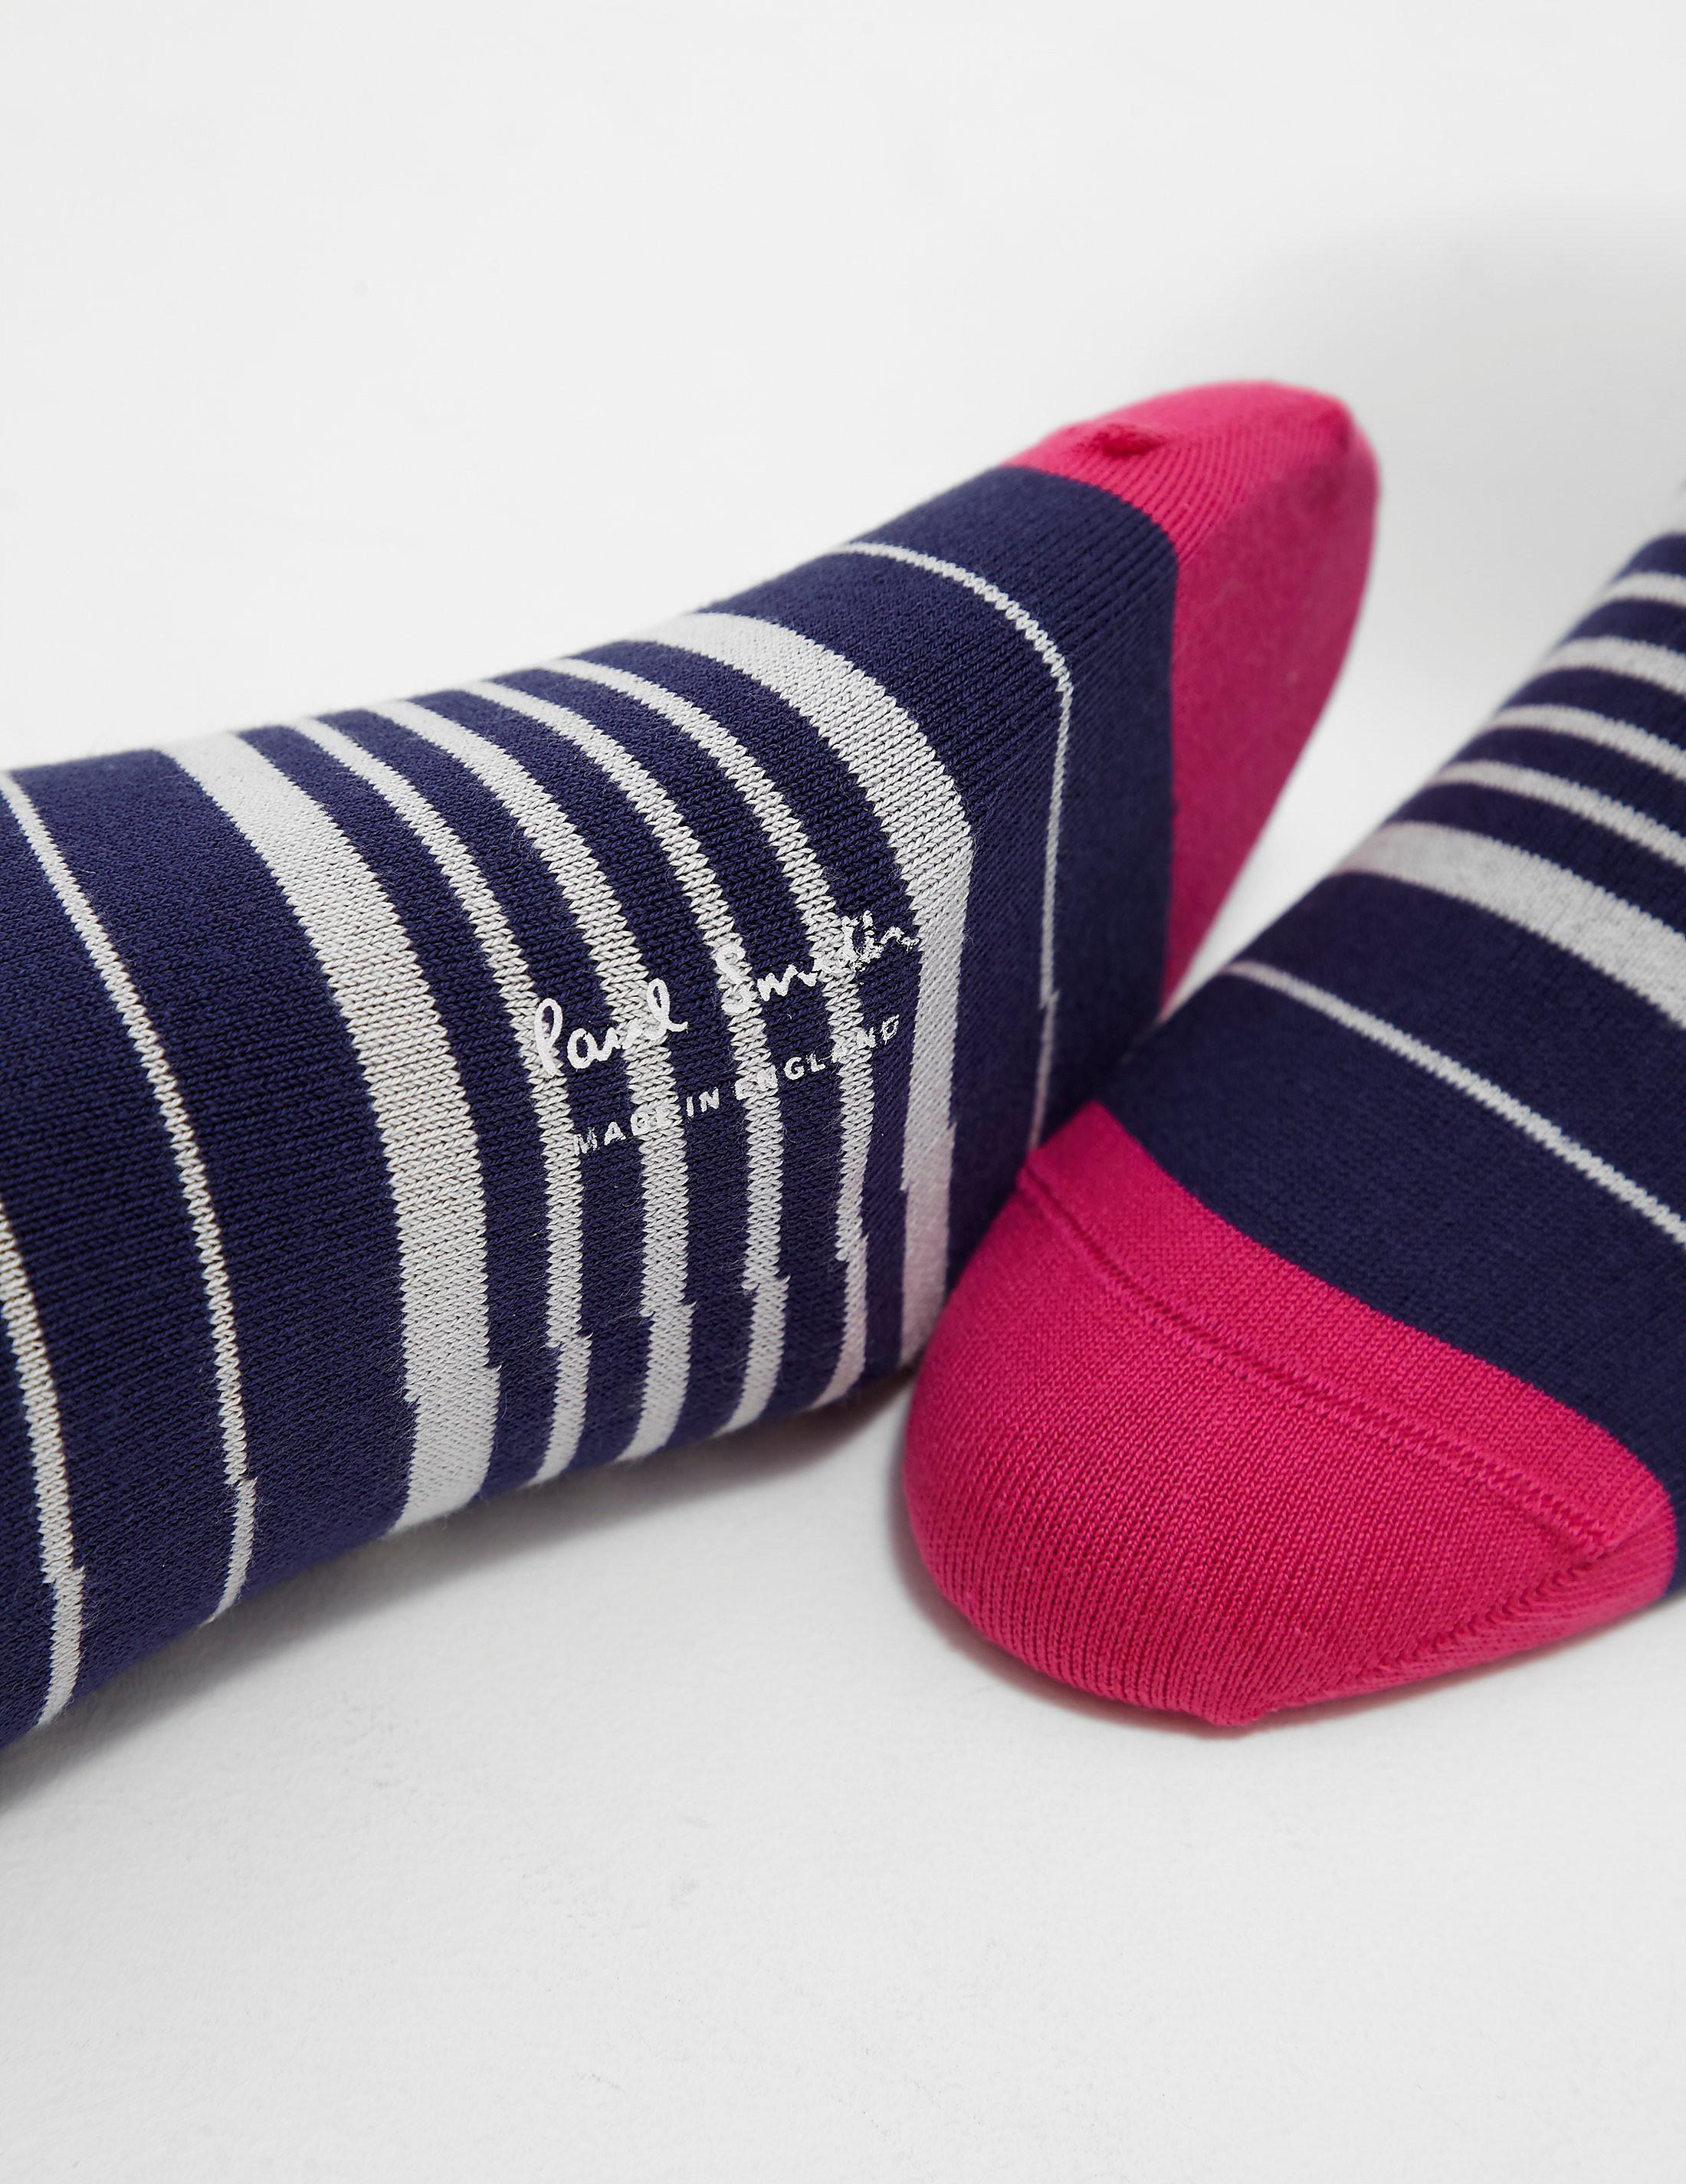 PS Paul Smith Stripe Socks